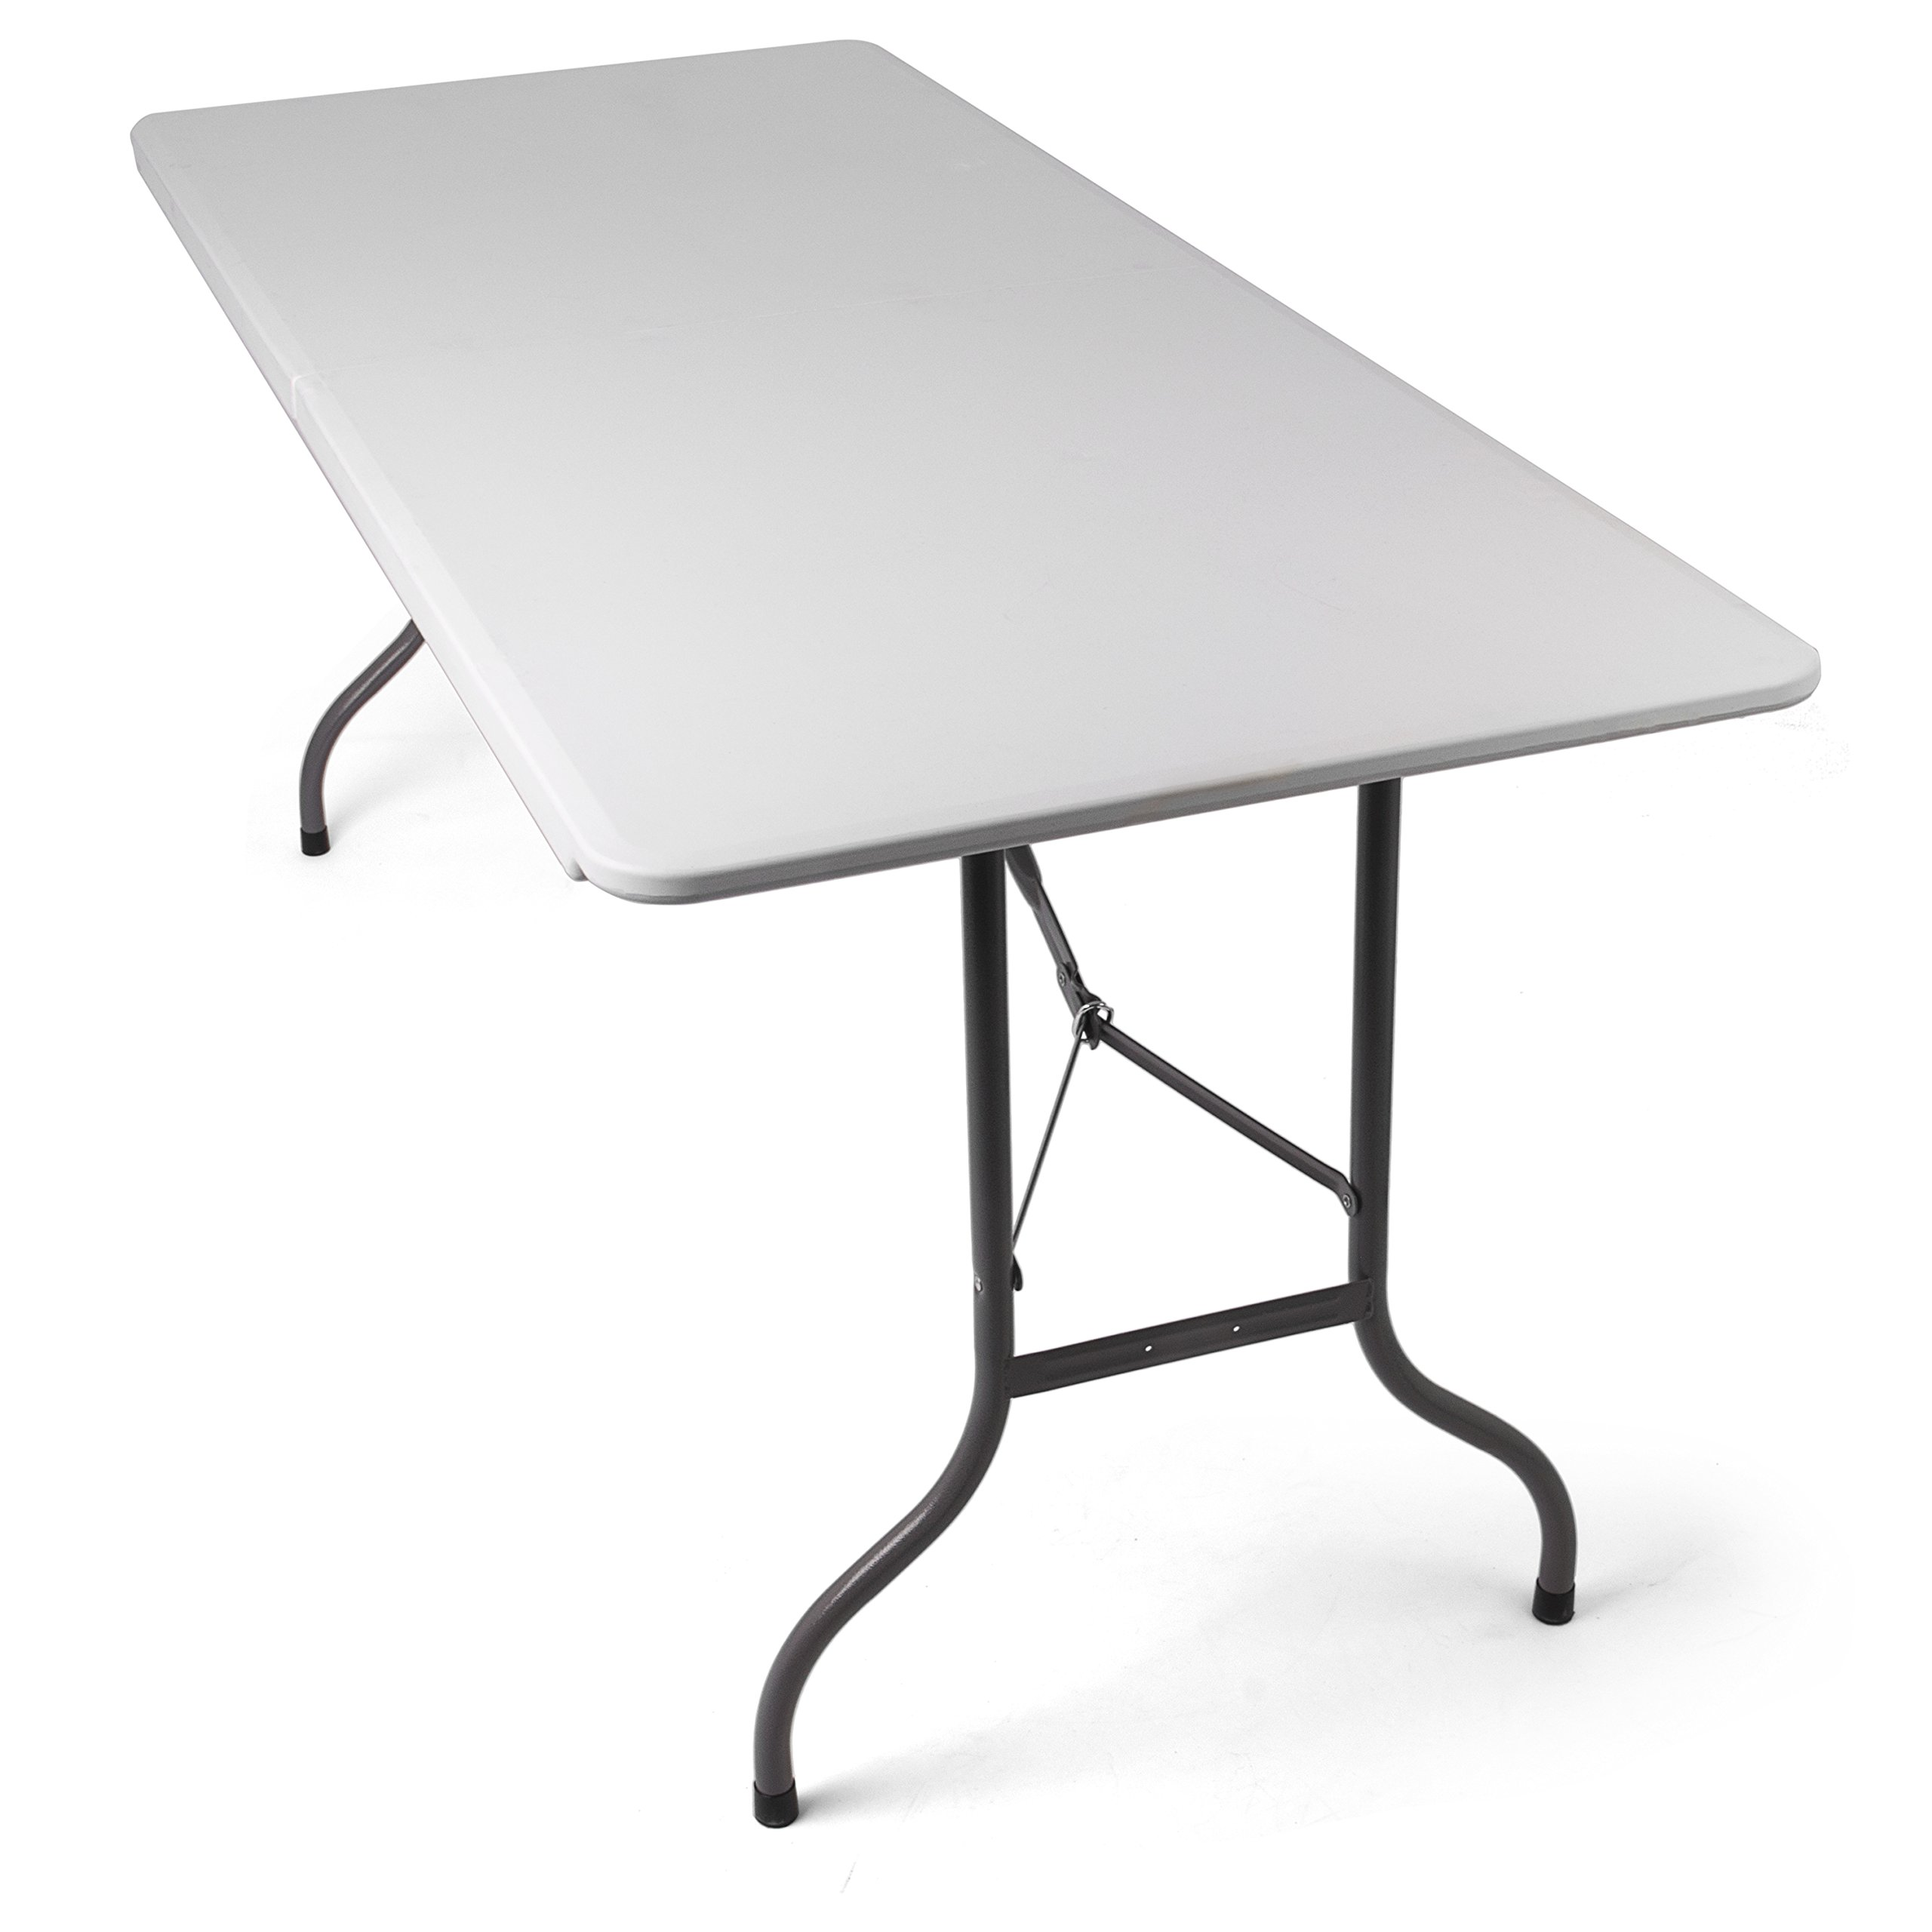 Tavolo Pieghevole da Giardino Bianco perfetto come Tavolo da Campeggio, da  Buffet, da Cucina | Tavolino Esterni Richiudibile a Valigetta con Maniglia  ...